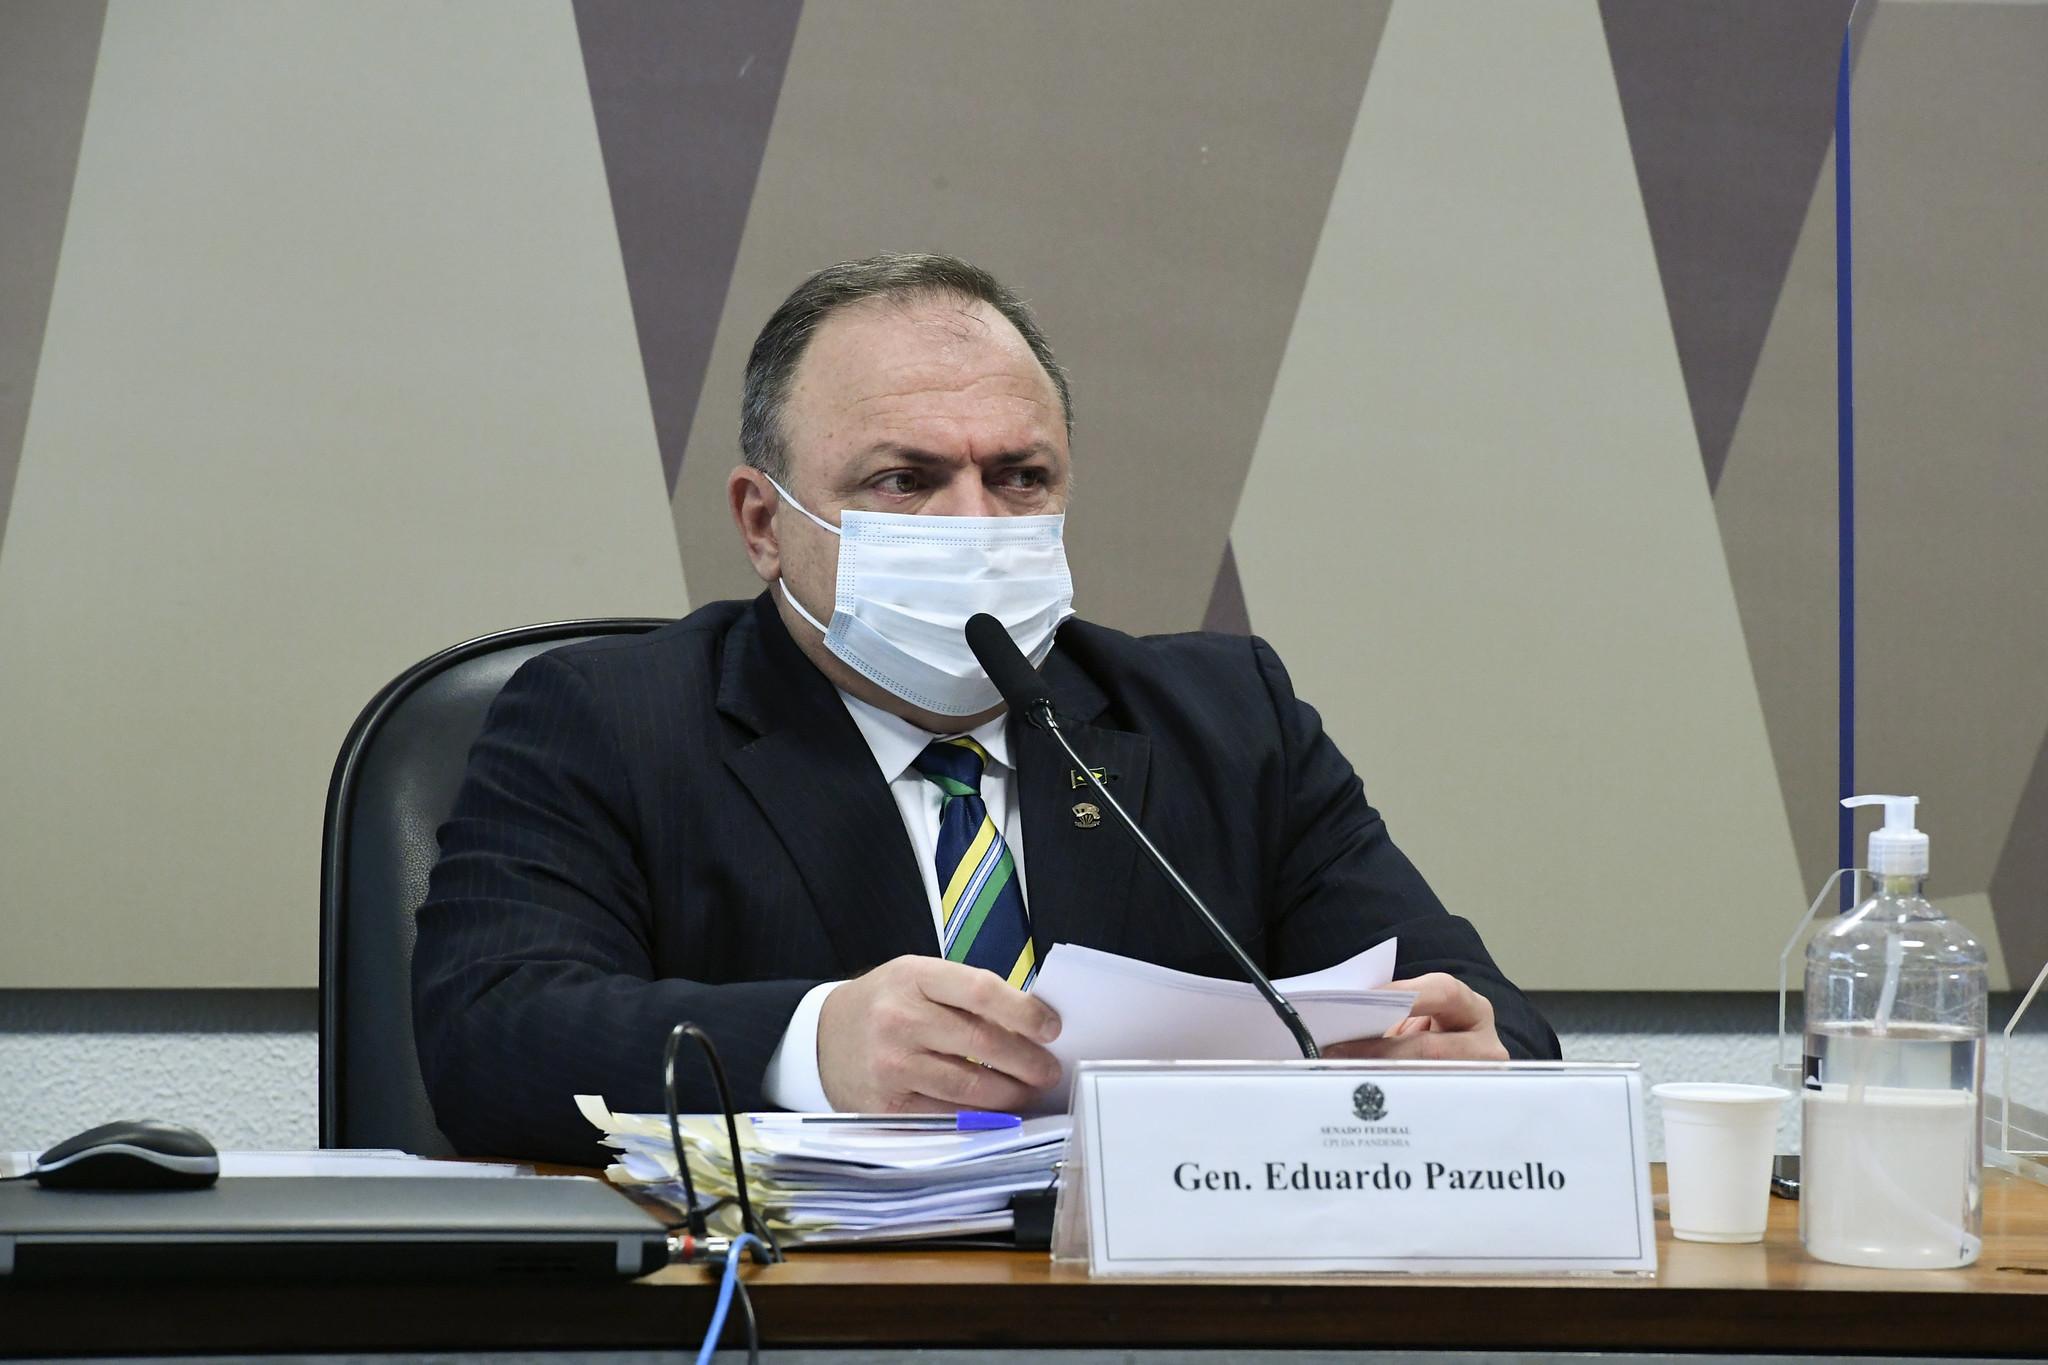 IMAGEM: 'Bolsonaro nunca foi contra minhas ações como ministro', diz Pazuello